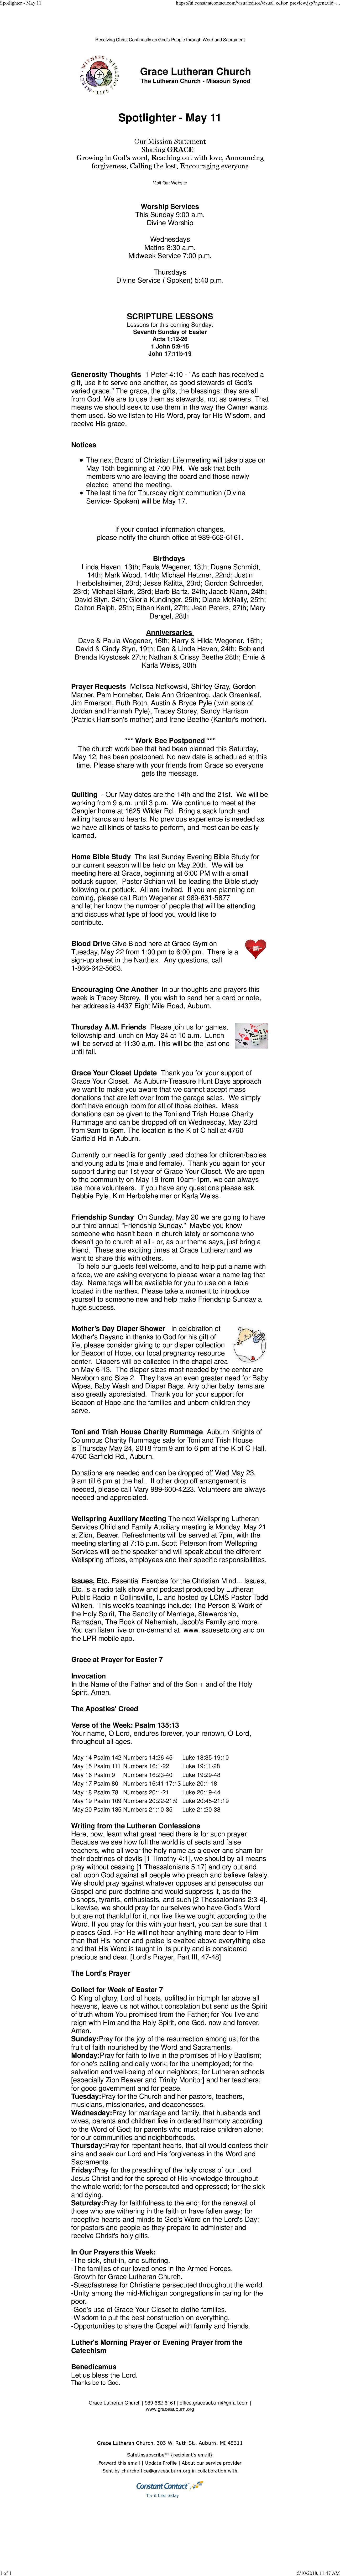 Spotlighter - May 11-page-001.jpg